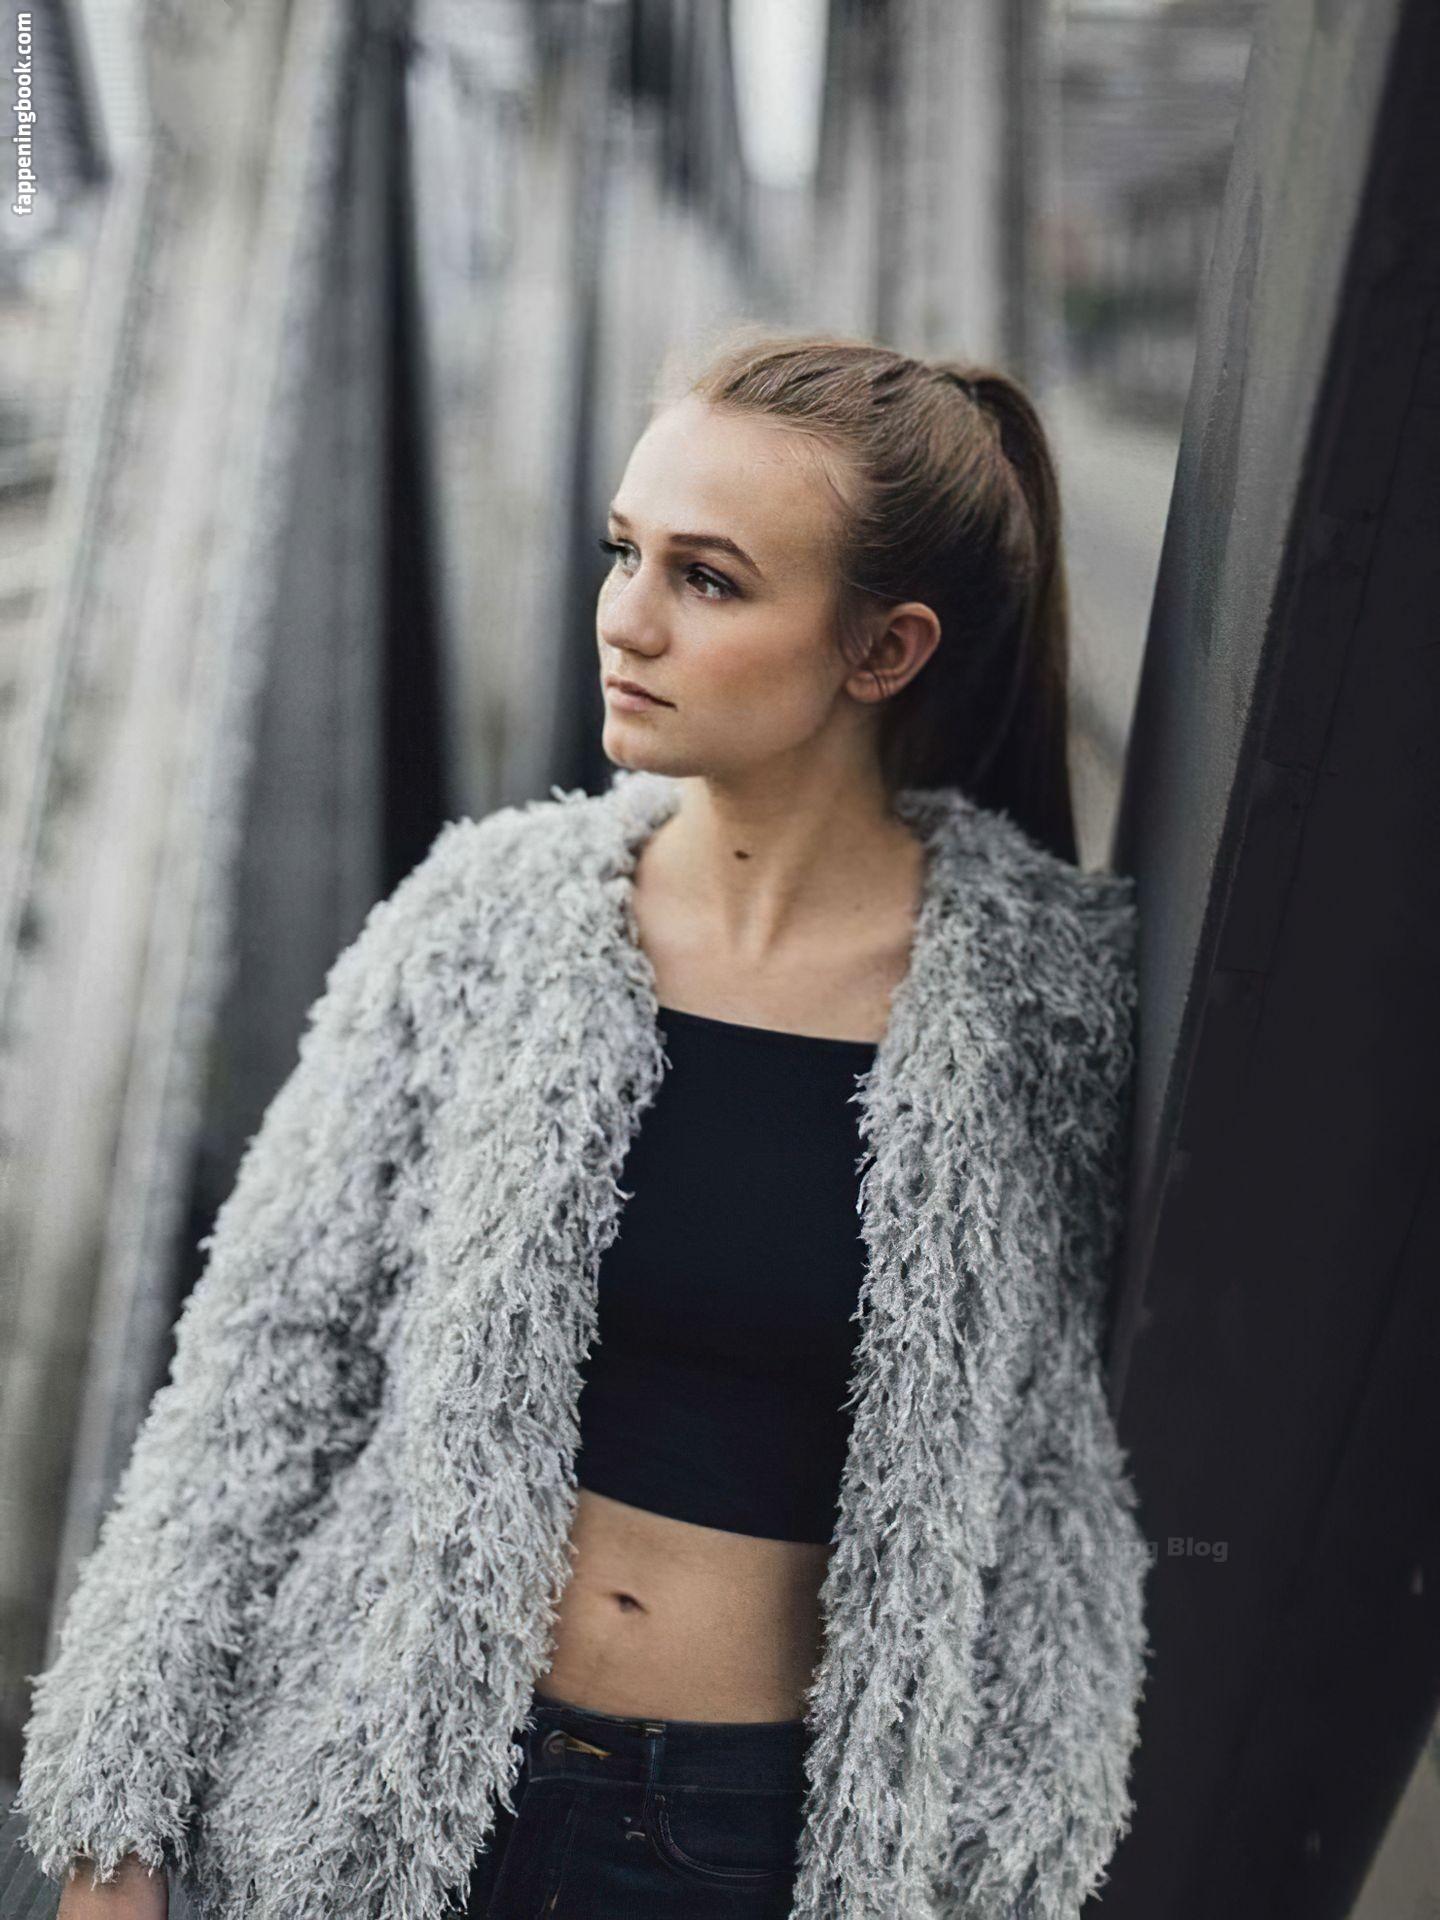 Leonie Wesselow Nude